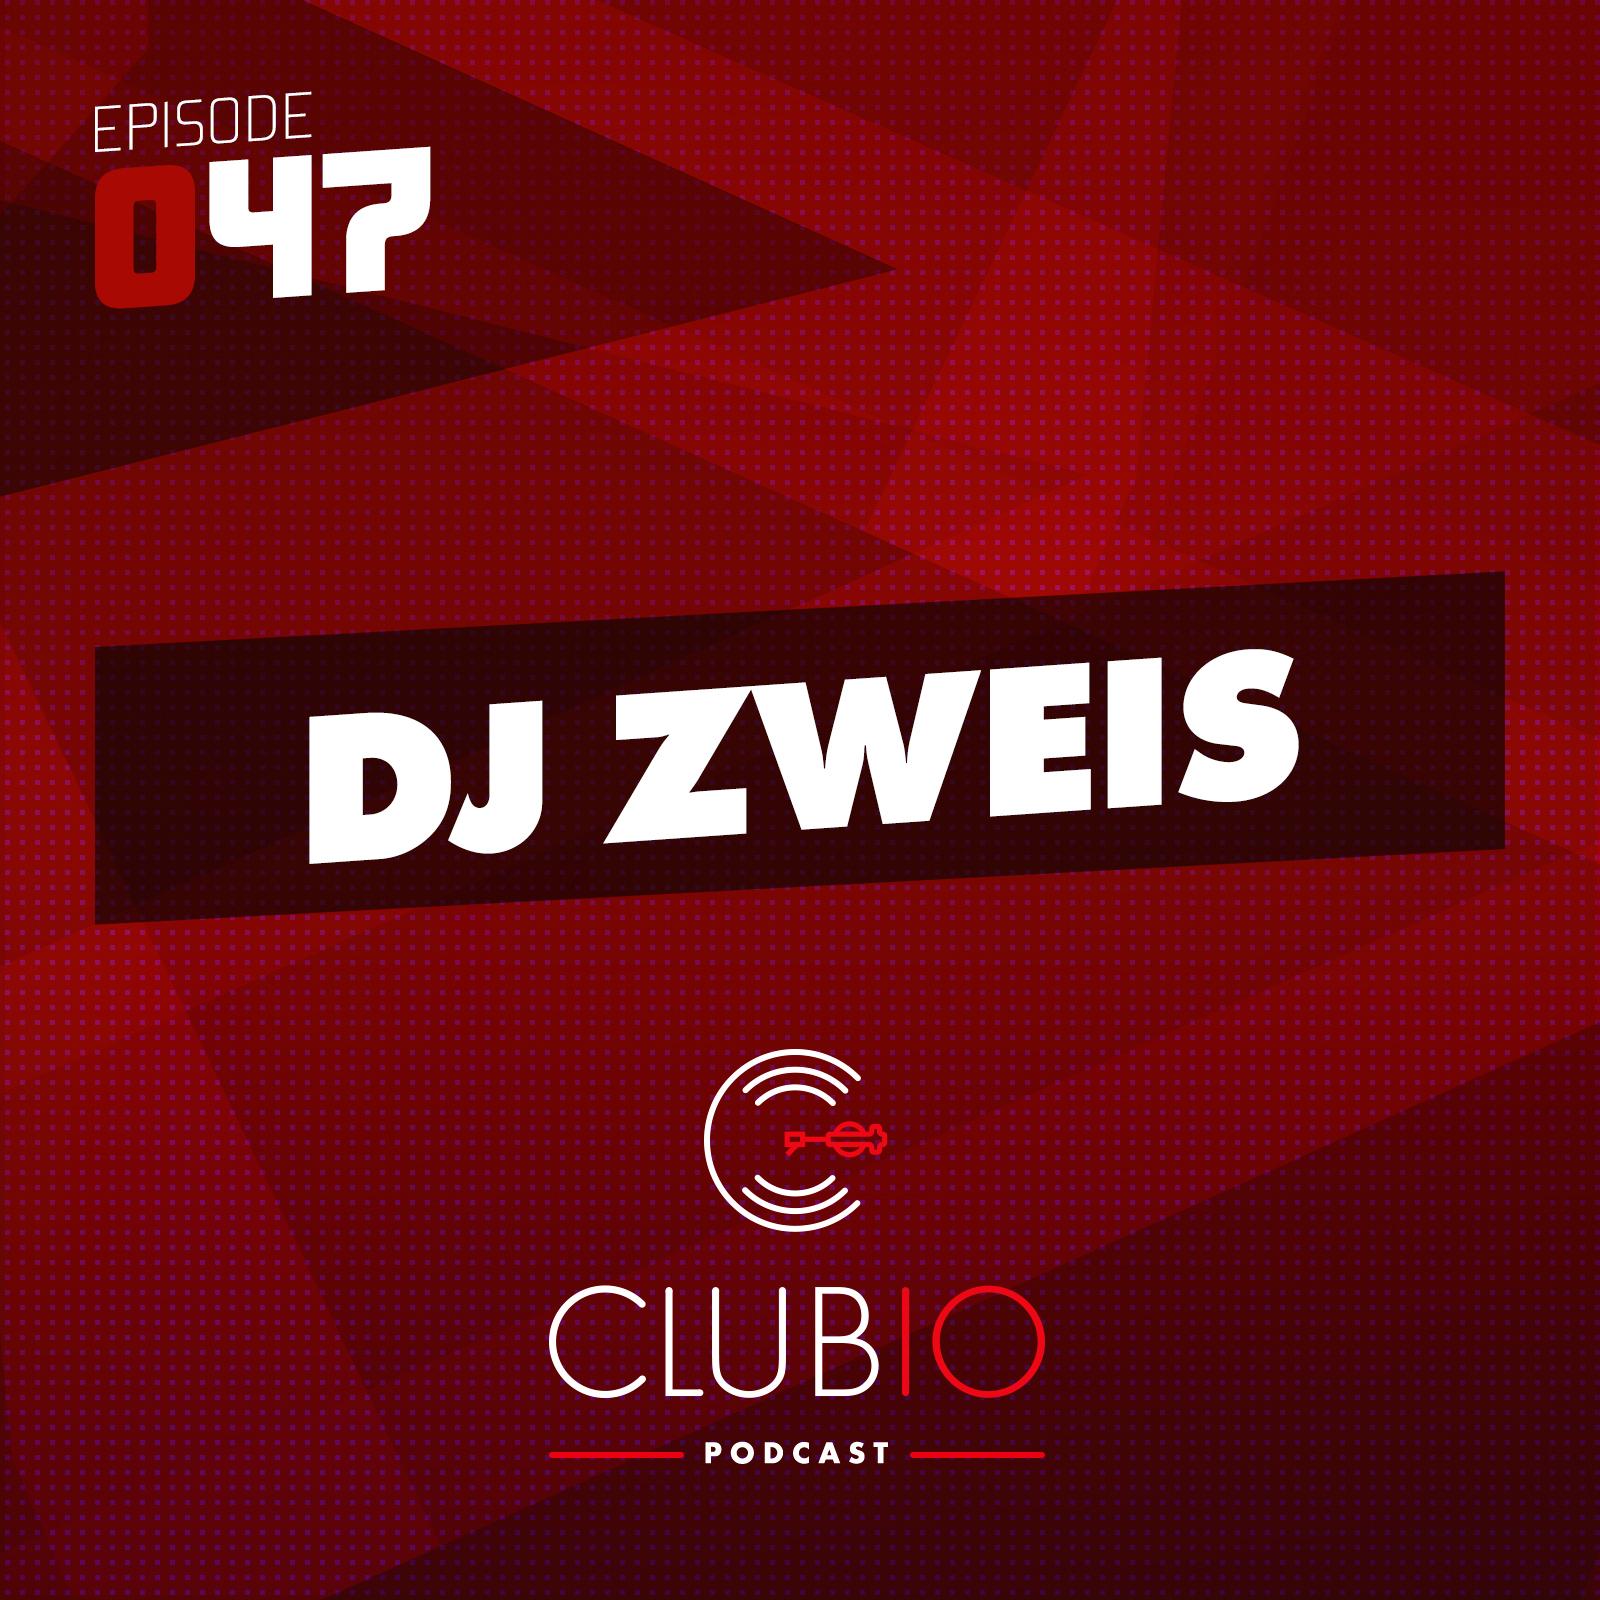 Clubio podcast 047 - DJ Zweis